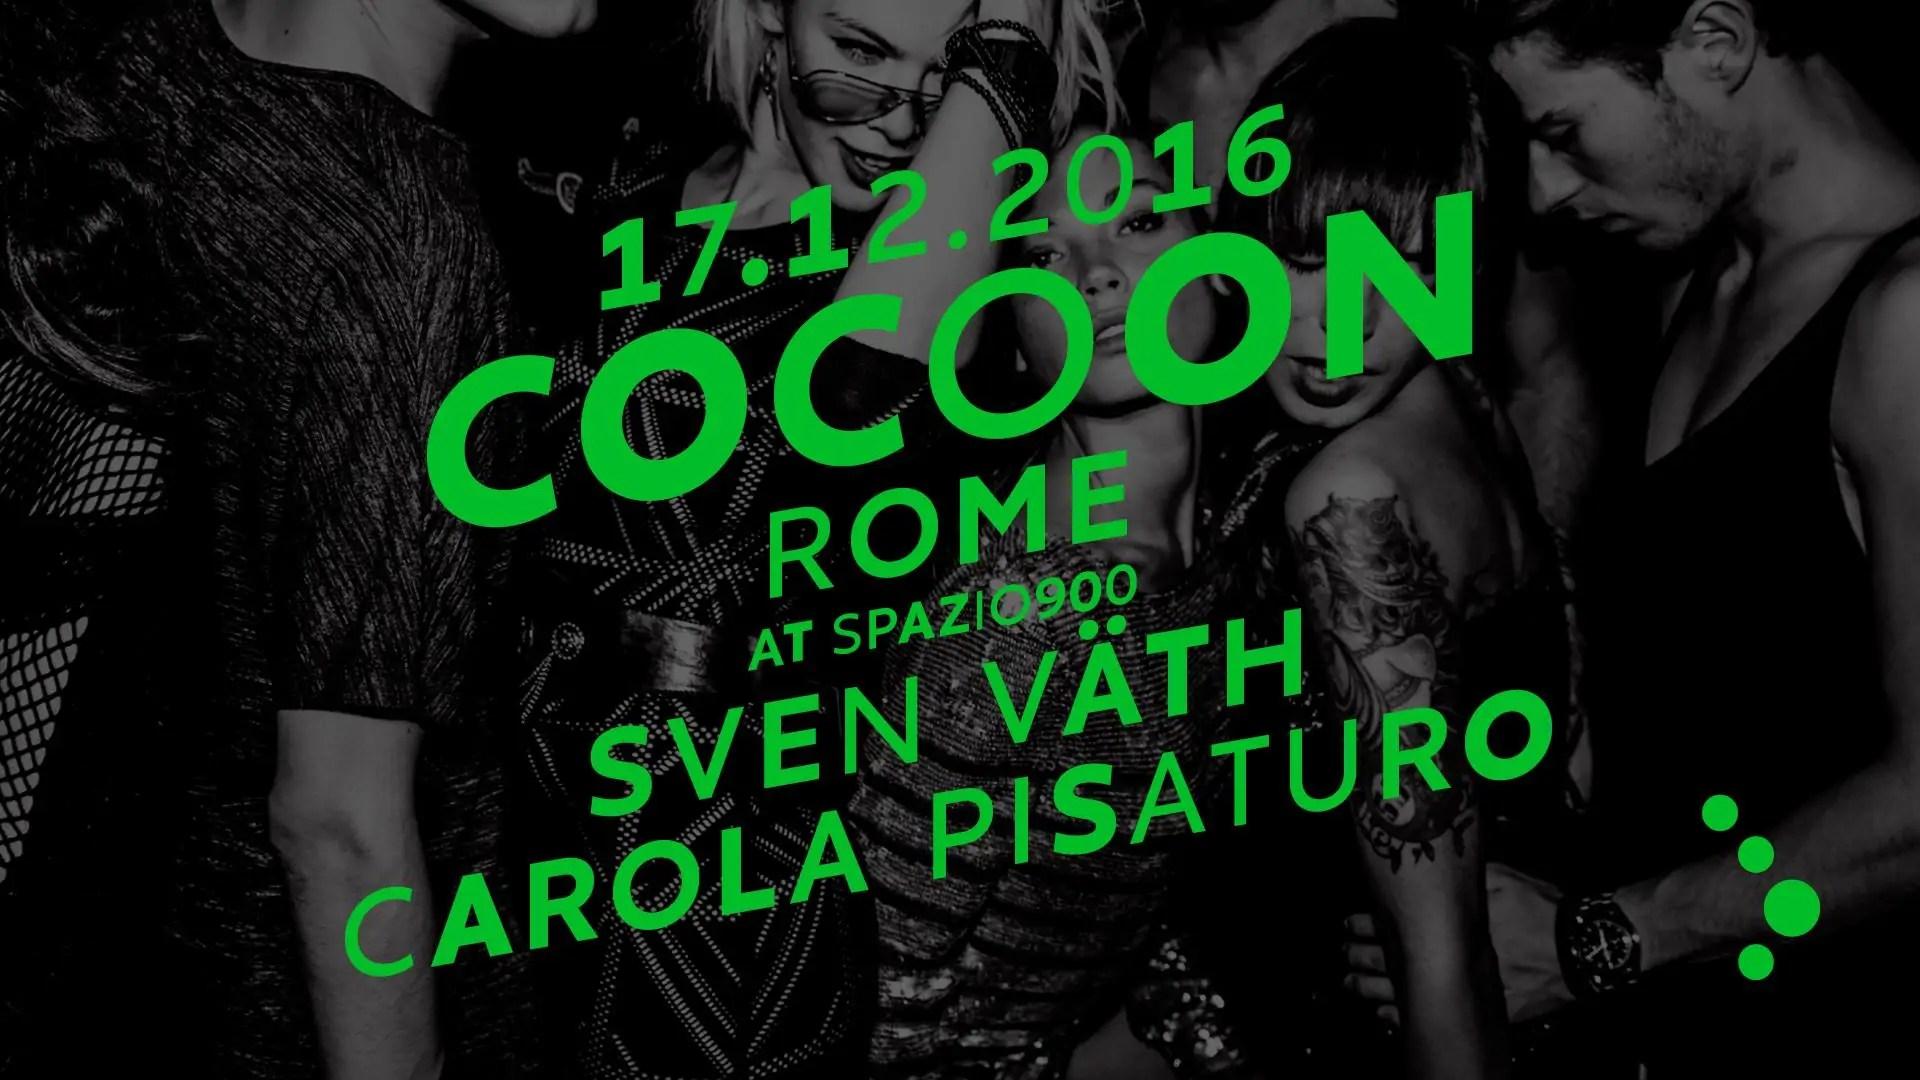 SPAZIO 900 NOVECENTO COCOON ROME SVEN VATH 17 12 2016 + PREZZI PREVENDITE BIGLIETTI TAVOLI HOTEL + PULLMAN